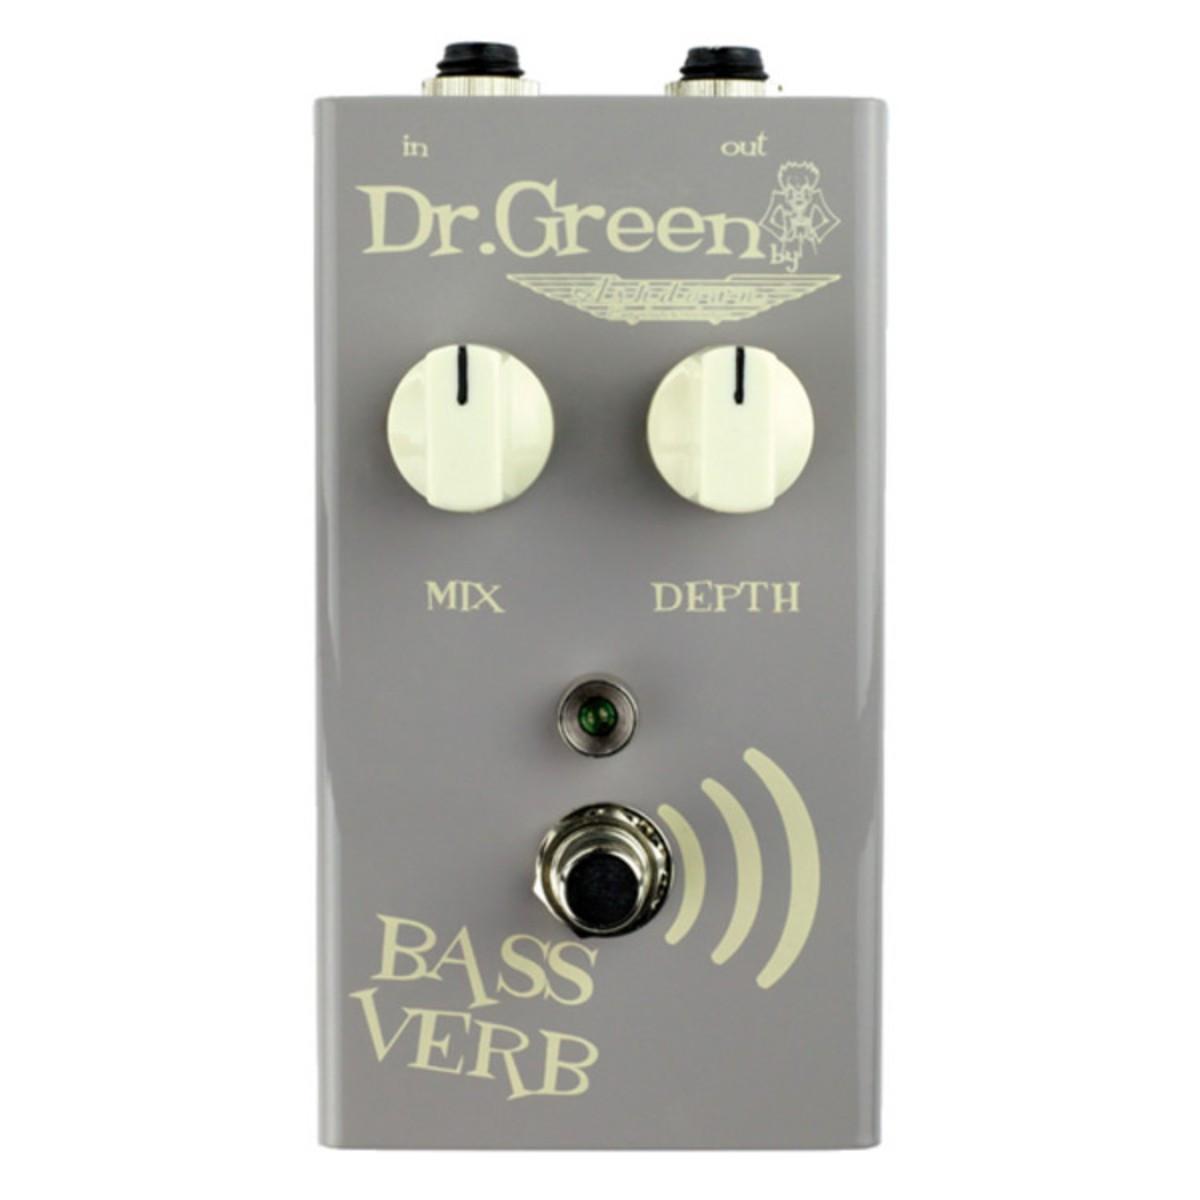 Pédale d'effet reverb Bass Verb  Dr. Green